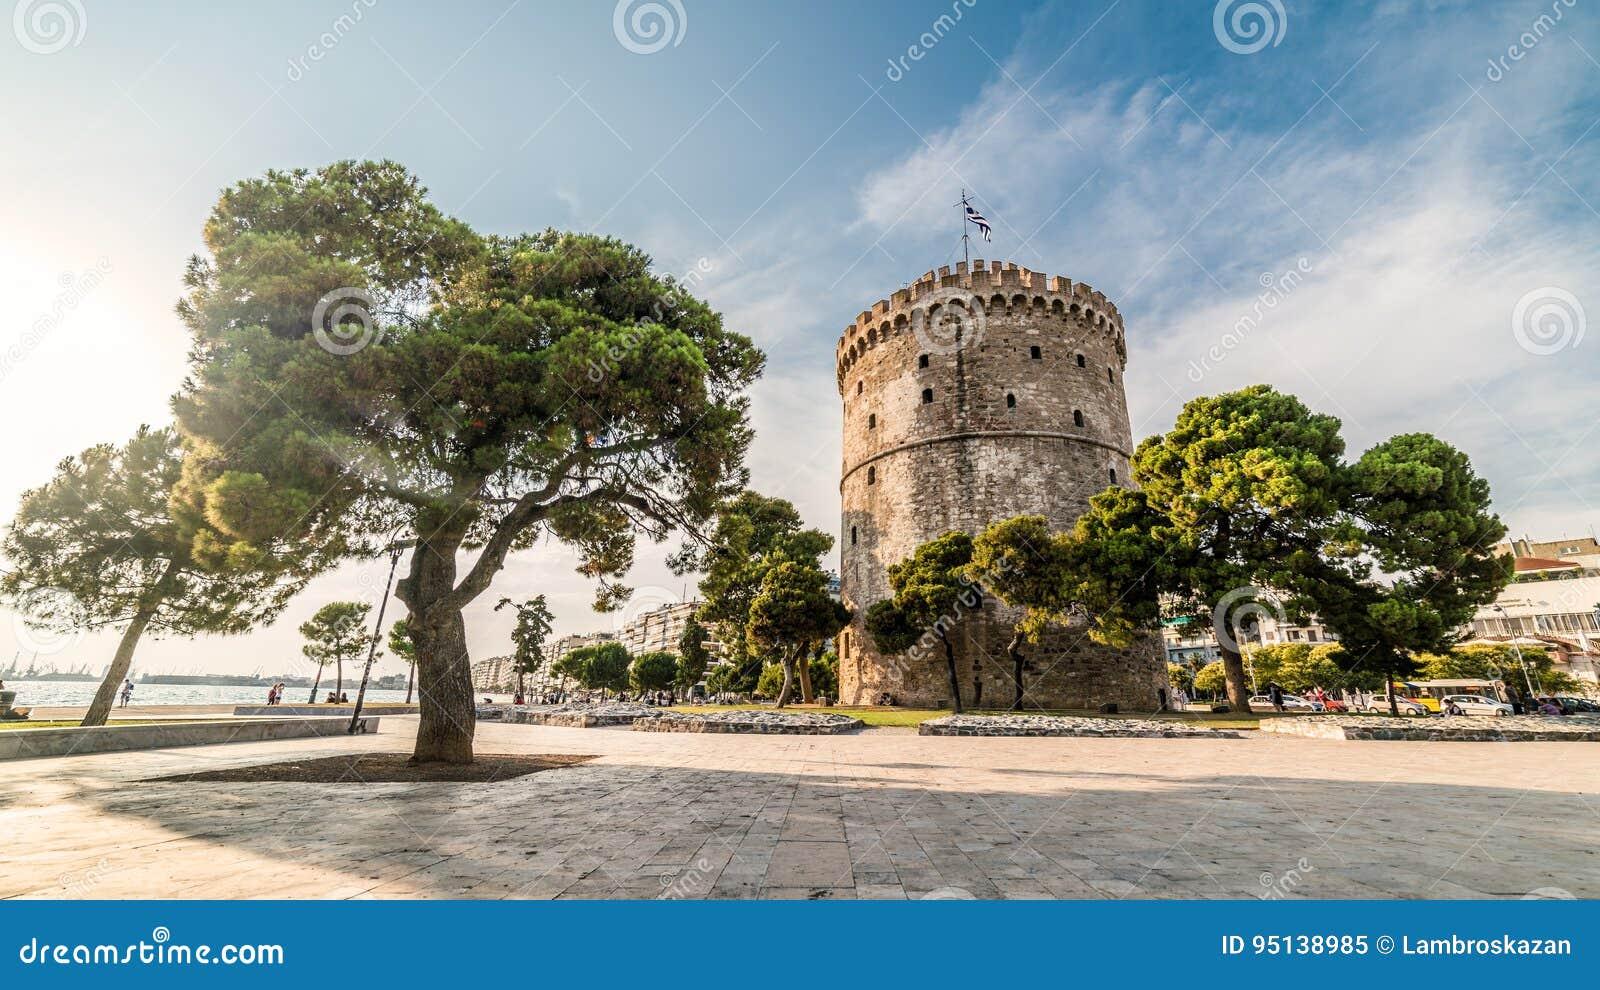 Άσπρος πύργος Θεσσαλονίκης, που συλλαμβάνεται με το φακό fisheye